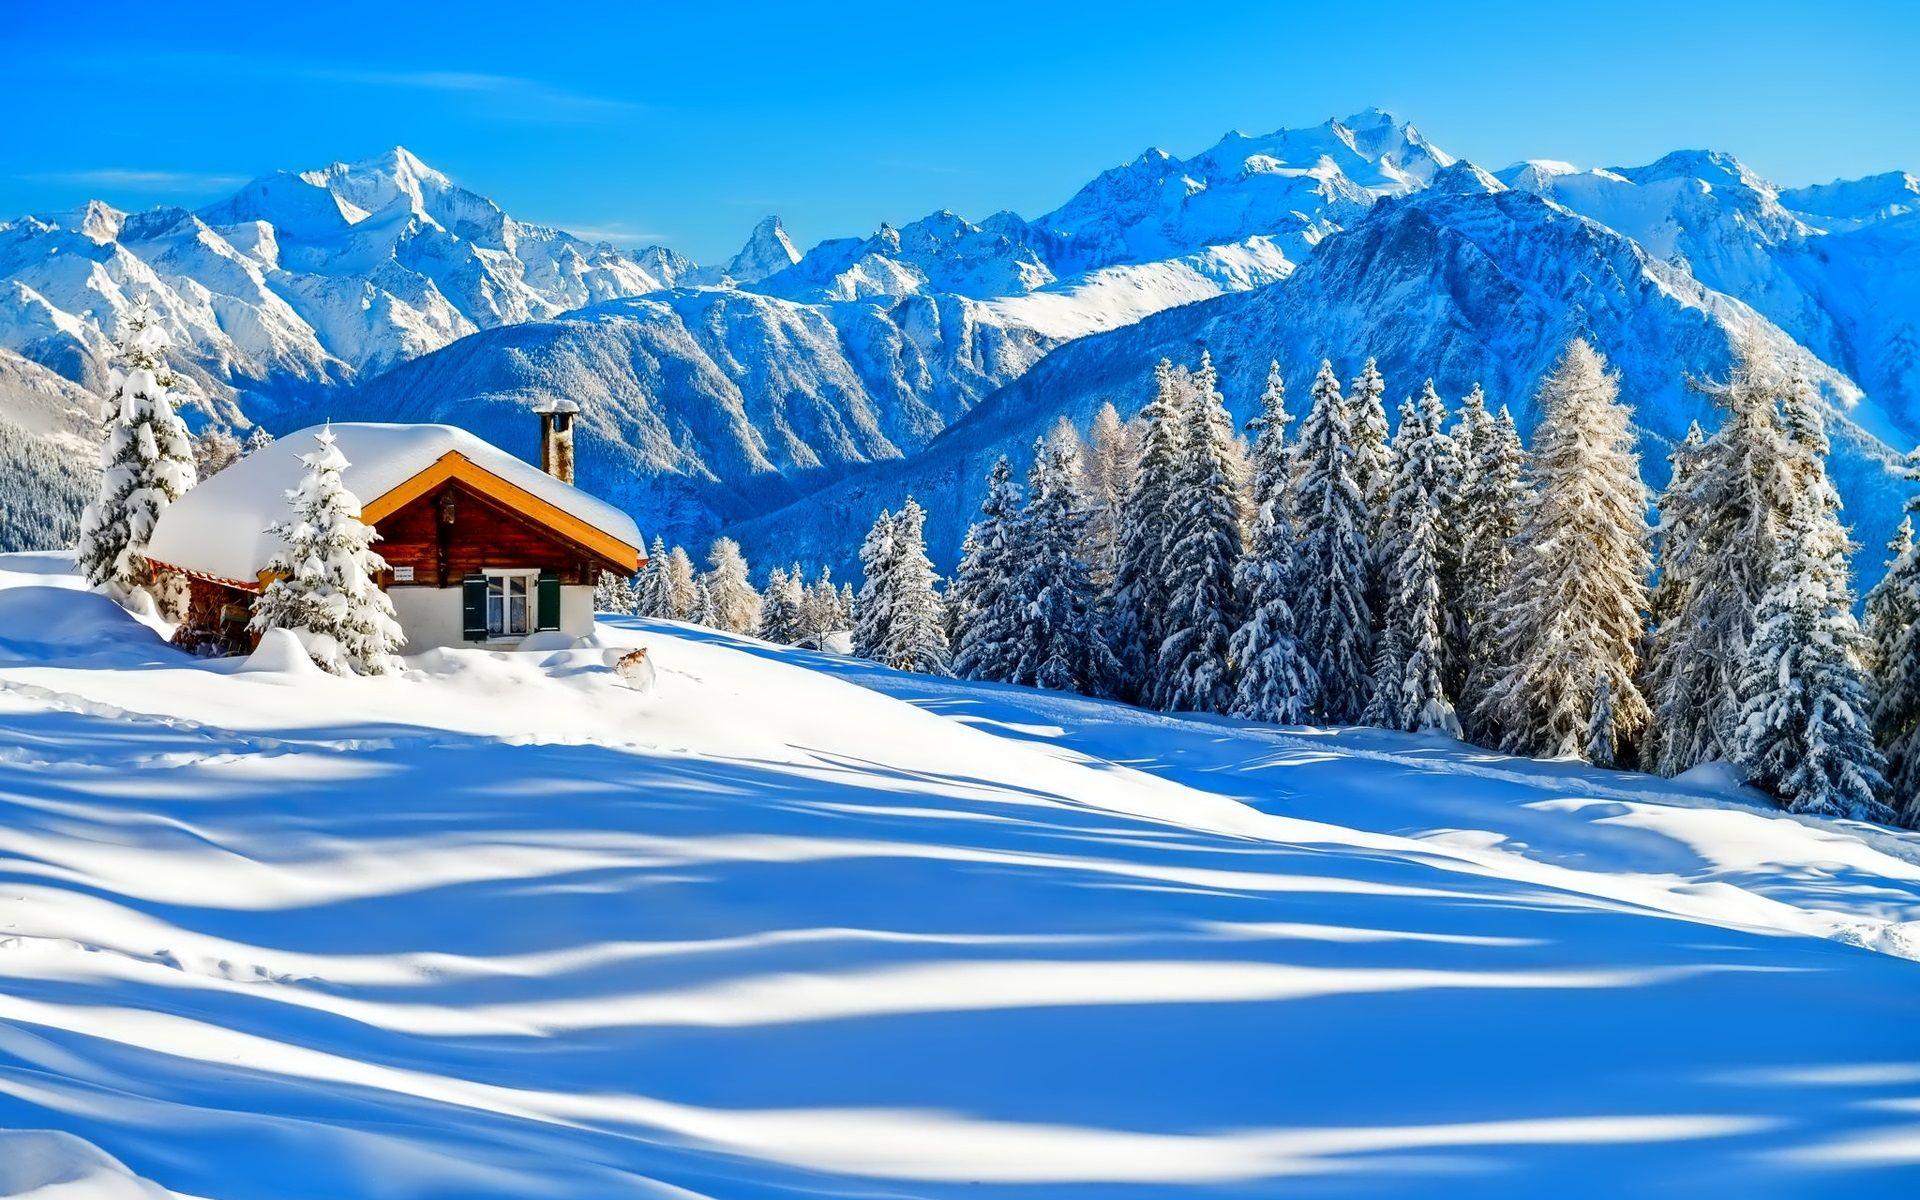 Hiver Neige Maison Arbres Nature Foret Montagnes Ciel